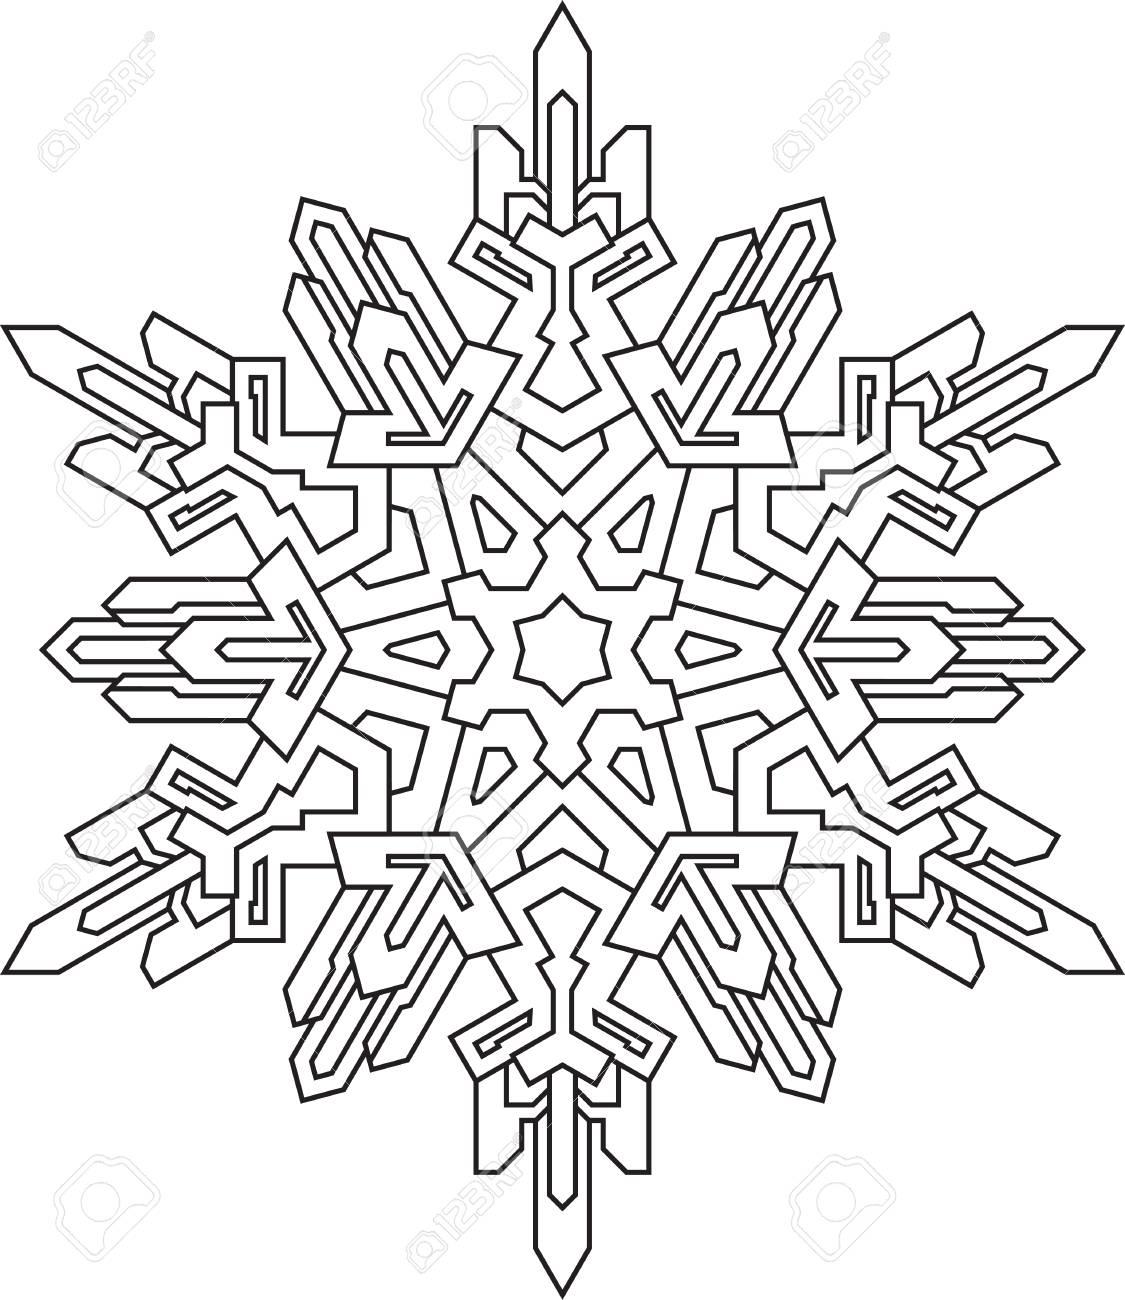 Contornos De Copo De Nieve En Estilo De Línea Mono Para Colorear Libro Para Colorear Patrón Geométrico De Vector